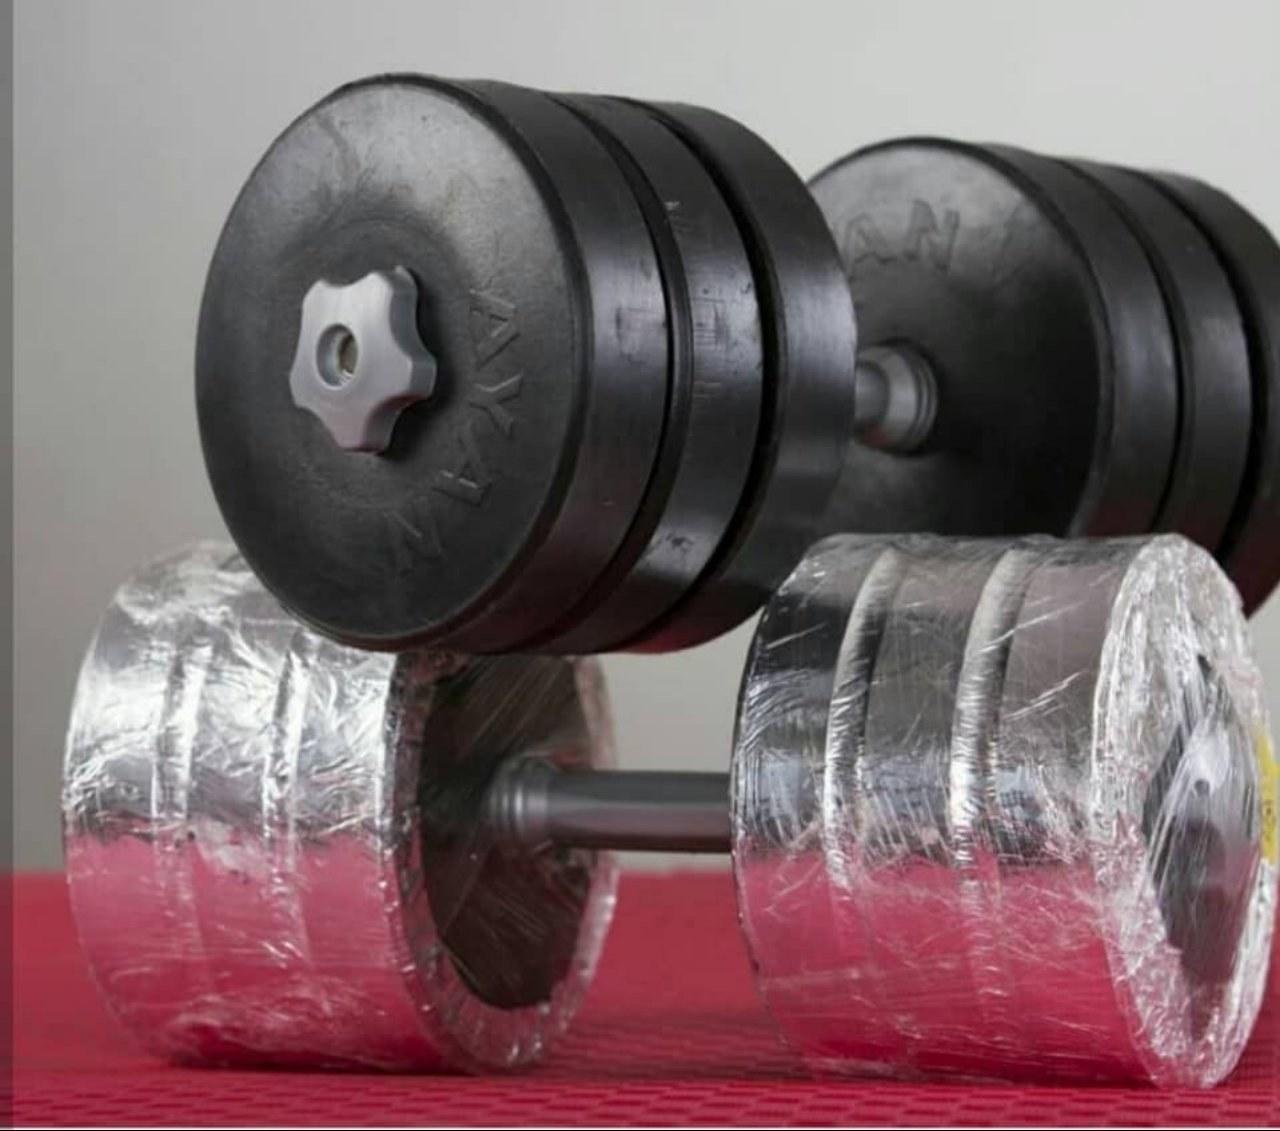 دمبل لاستیکی متغییر (جمعا 25 کیلو) + *ارسال رایگان*